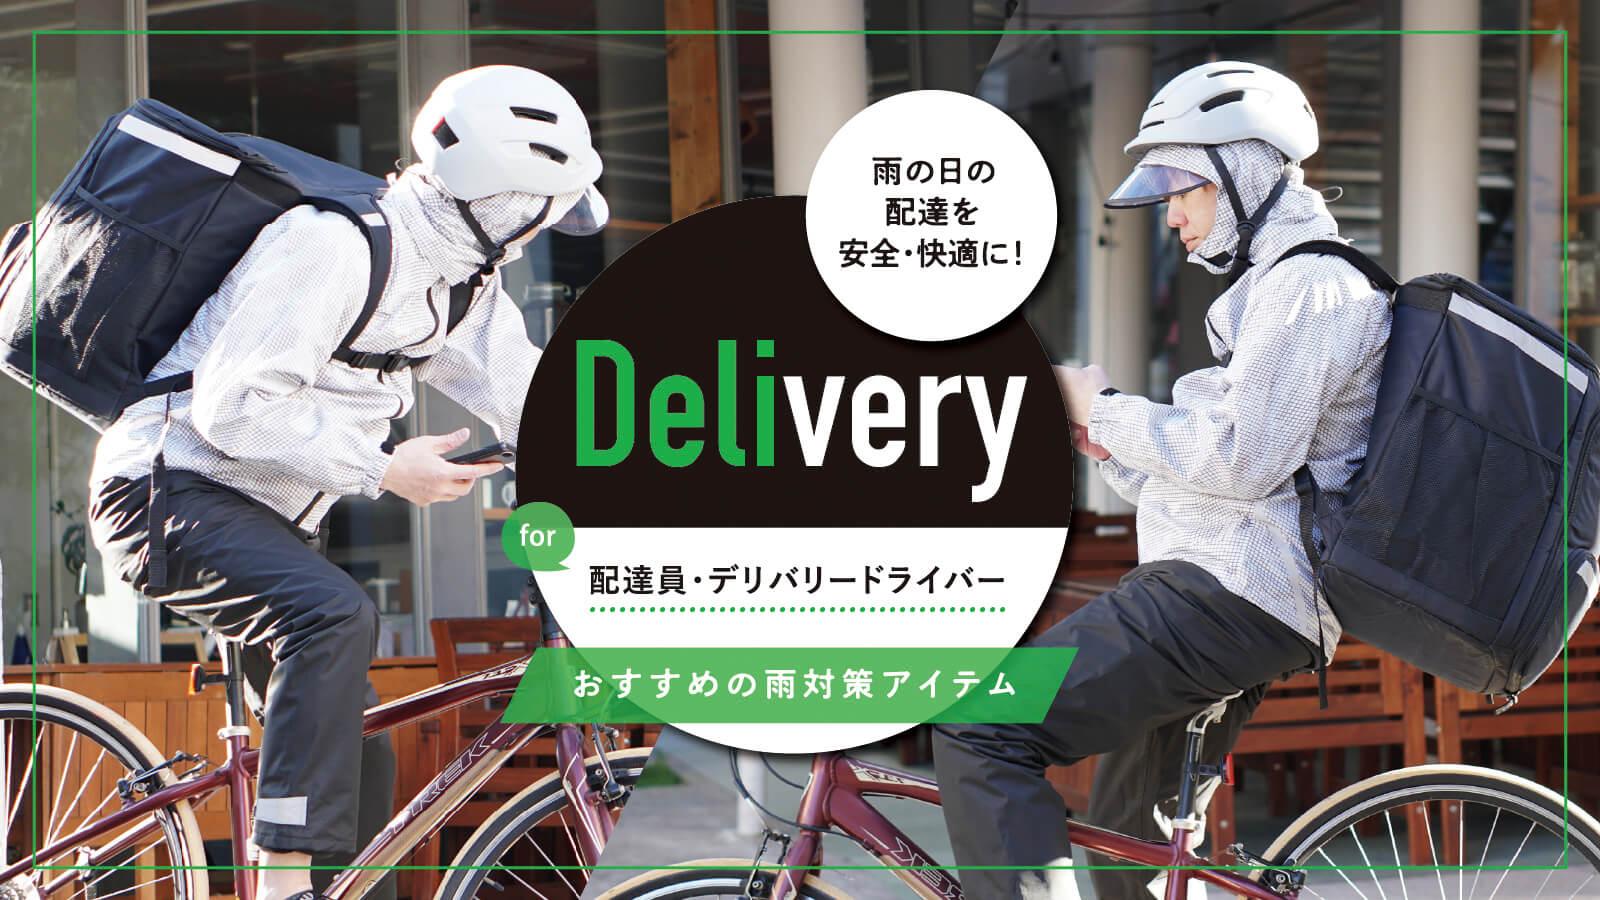 雨の日の自転車配達を安全・快適に!配達員&デリバリードライバーにおすすめの雨対策アイテム